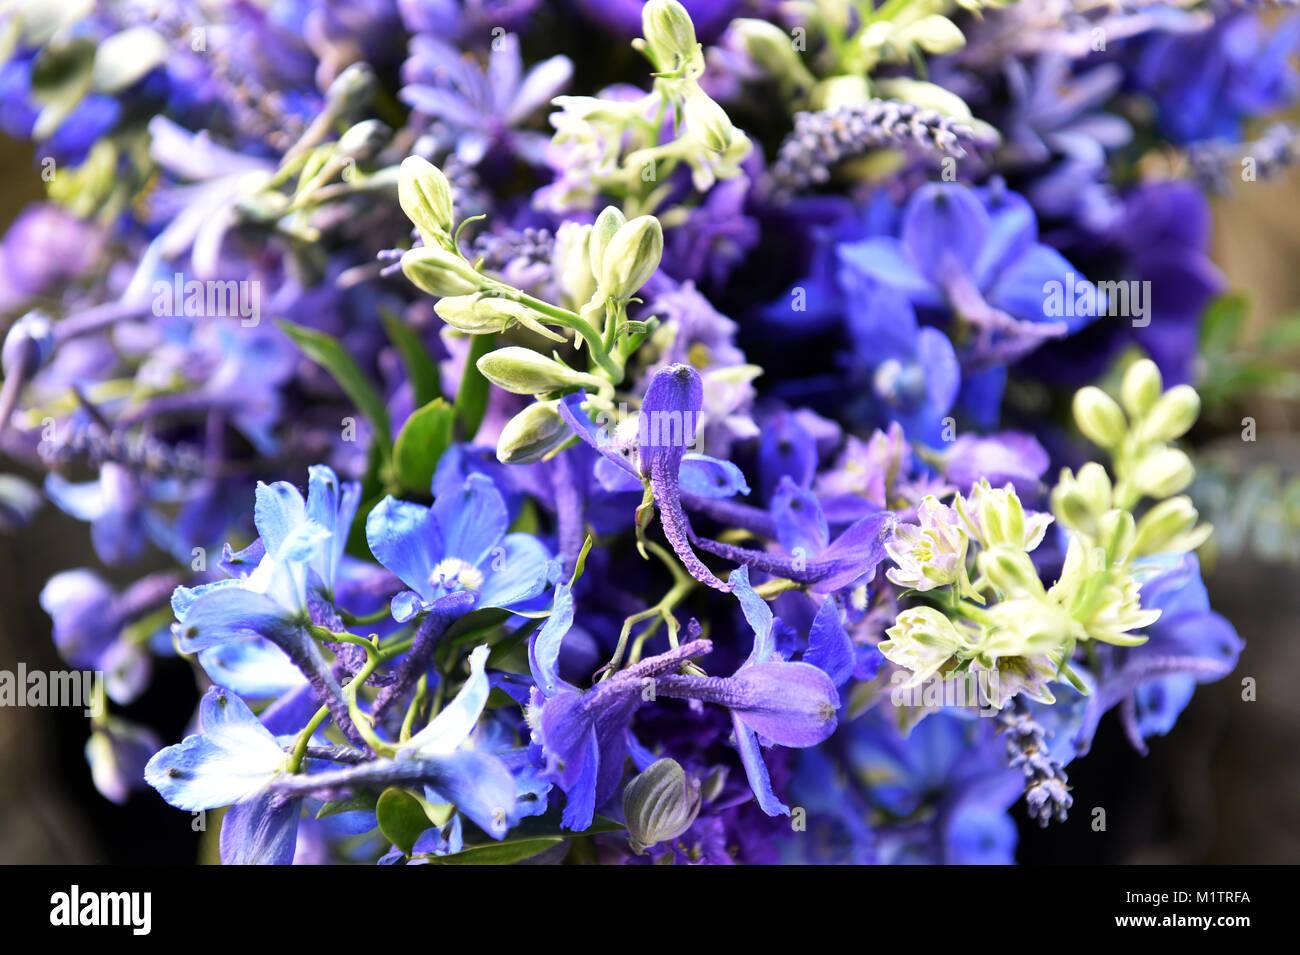 Blau Und Lila Blumen In Einer Grossen Hochzeit Bouquet Stockfoto